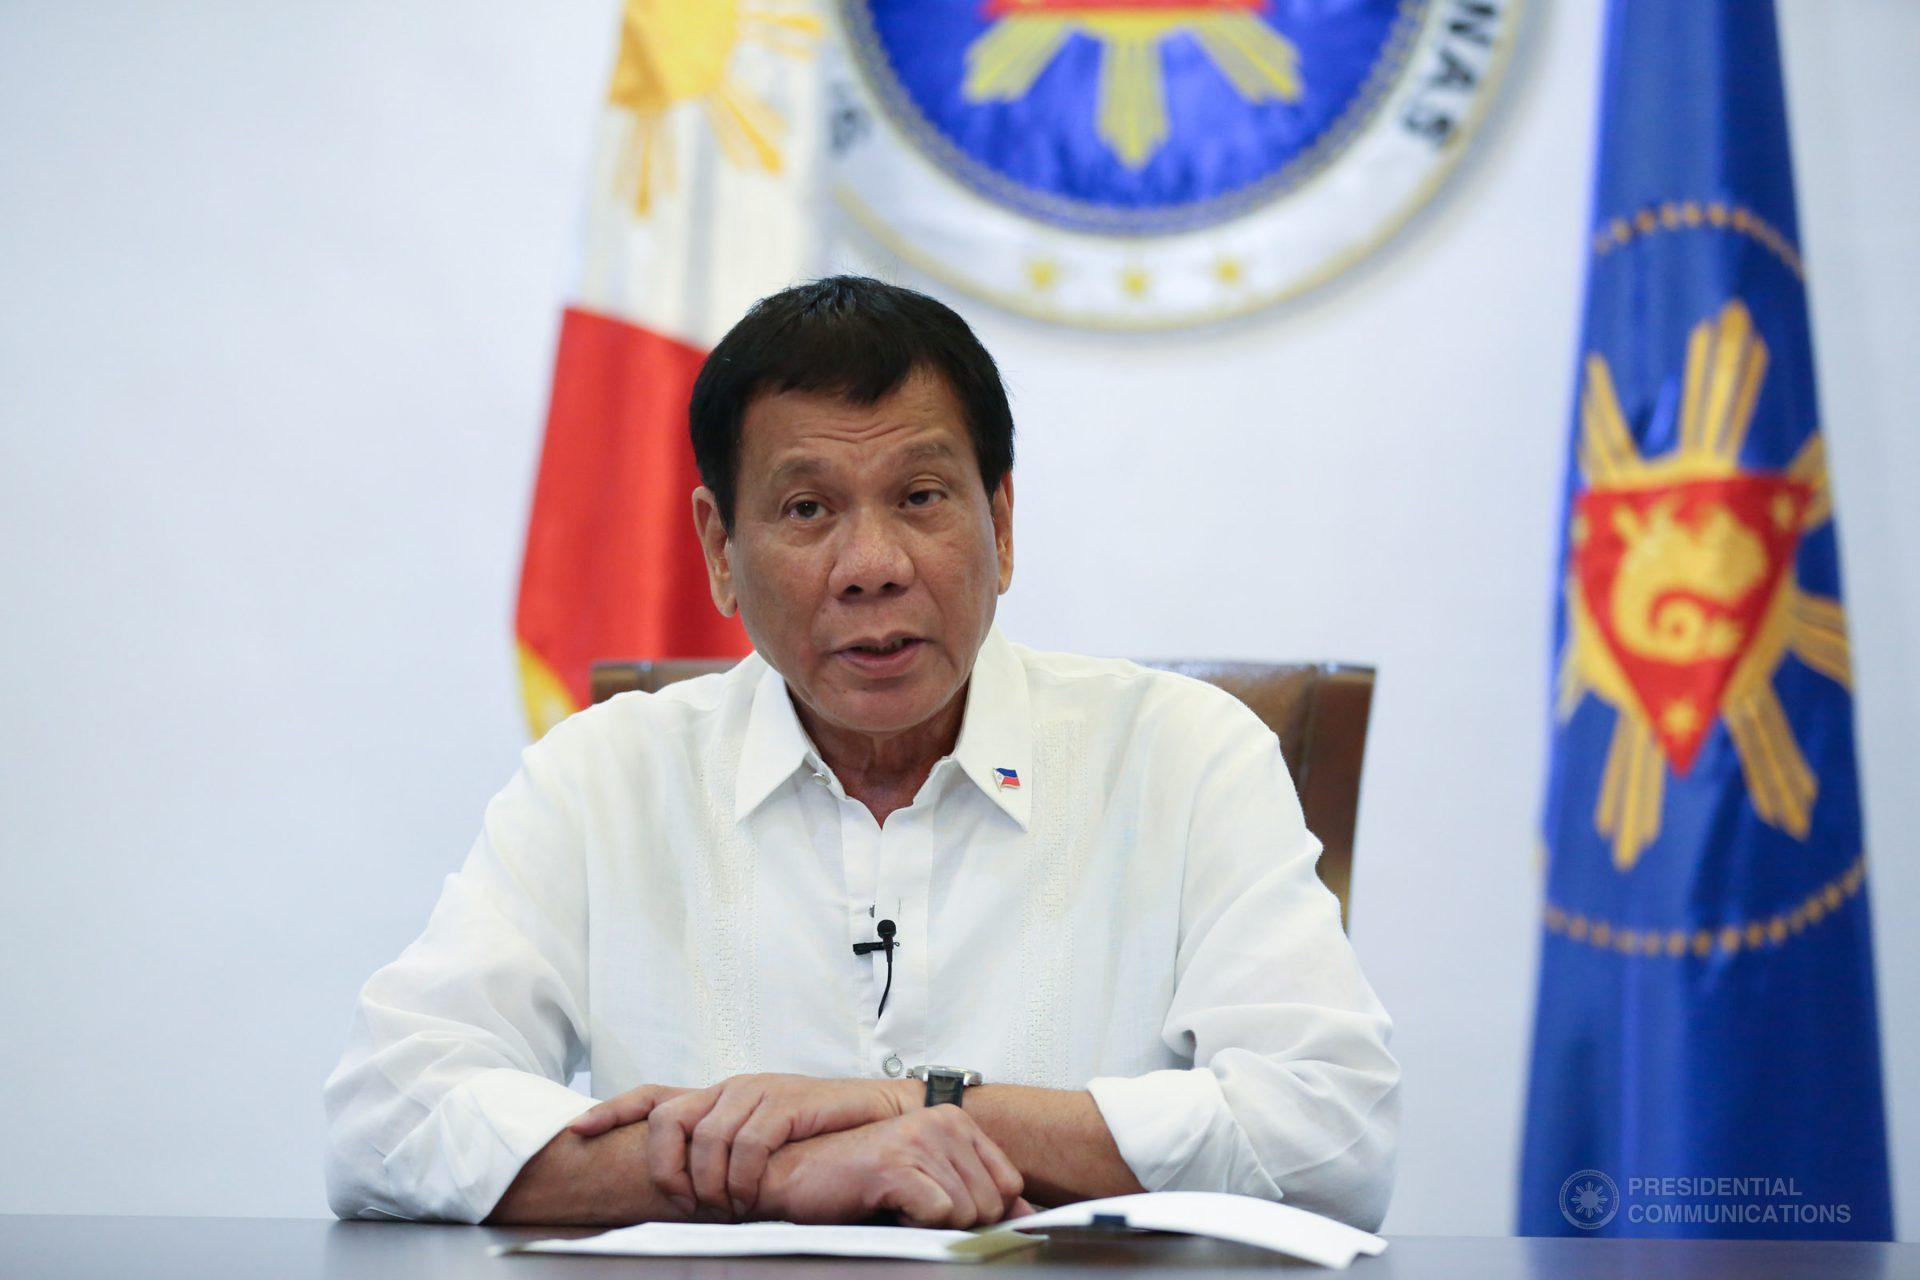 philippine-president-rodrigo-duterte.jpg